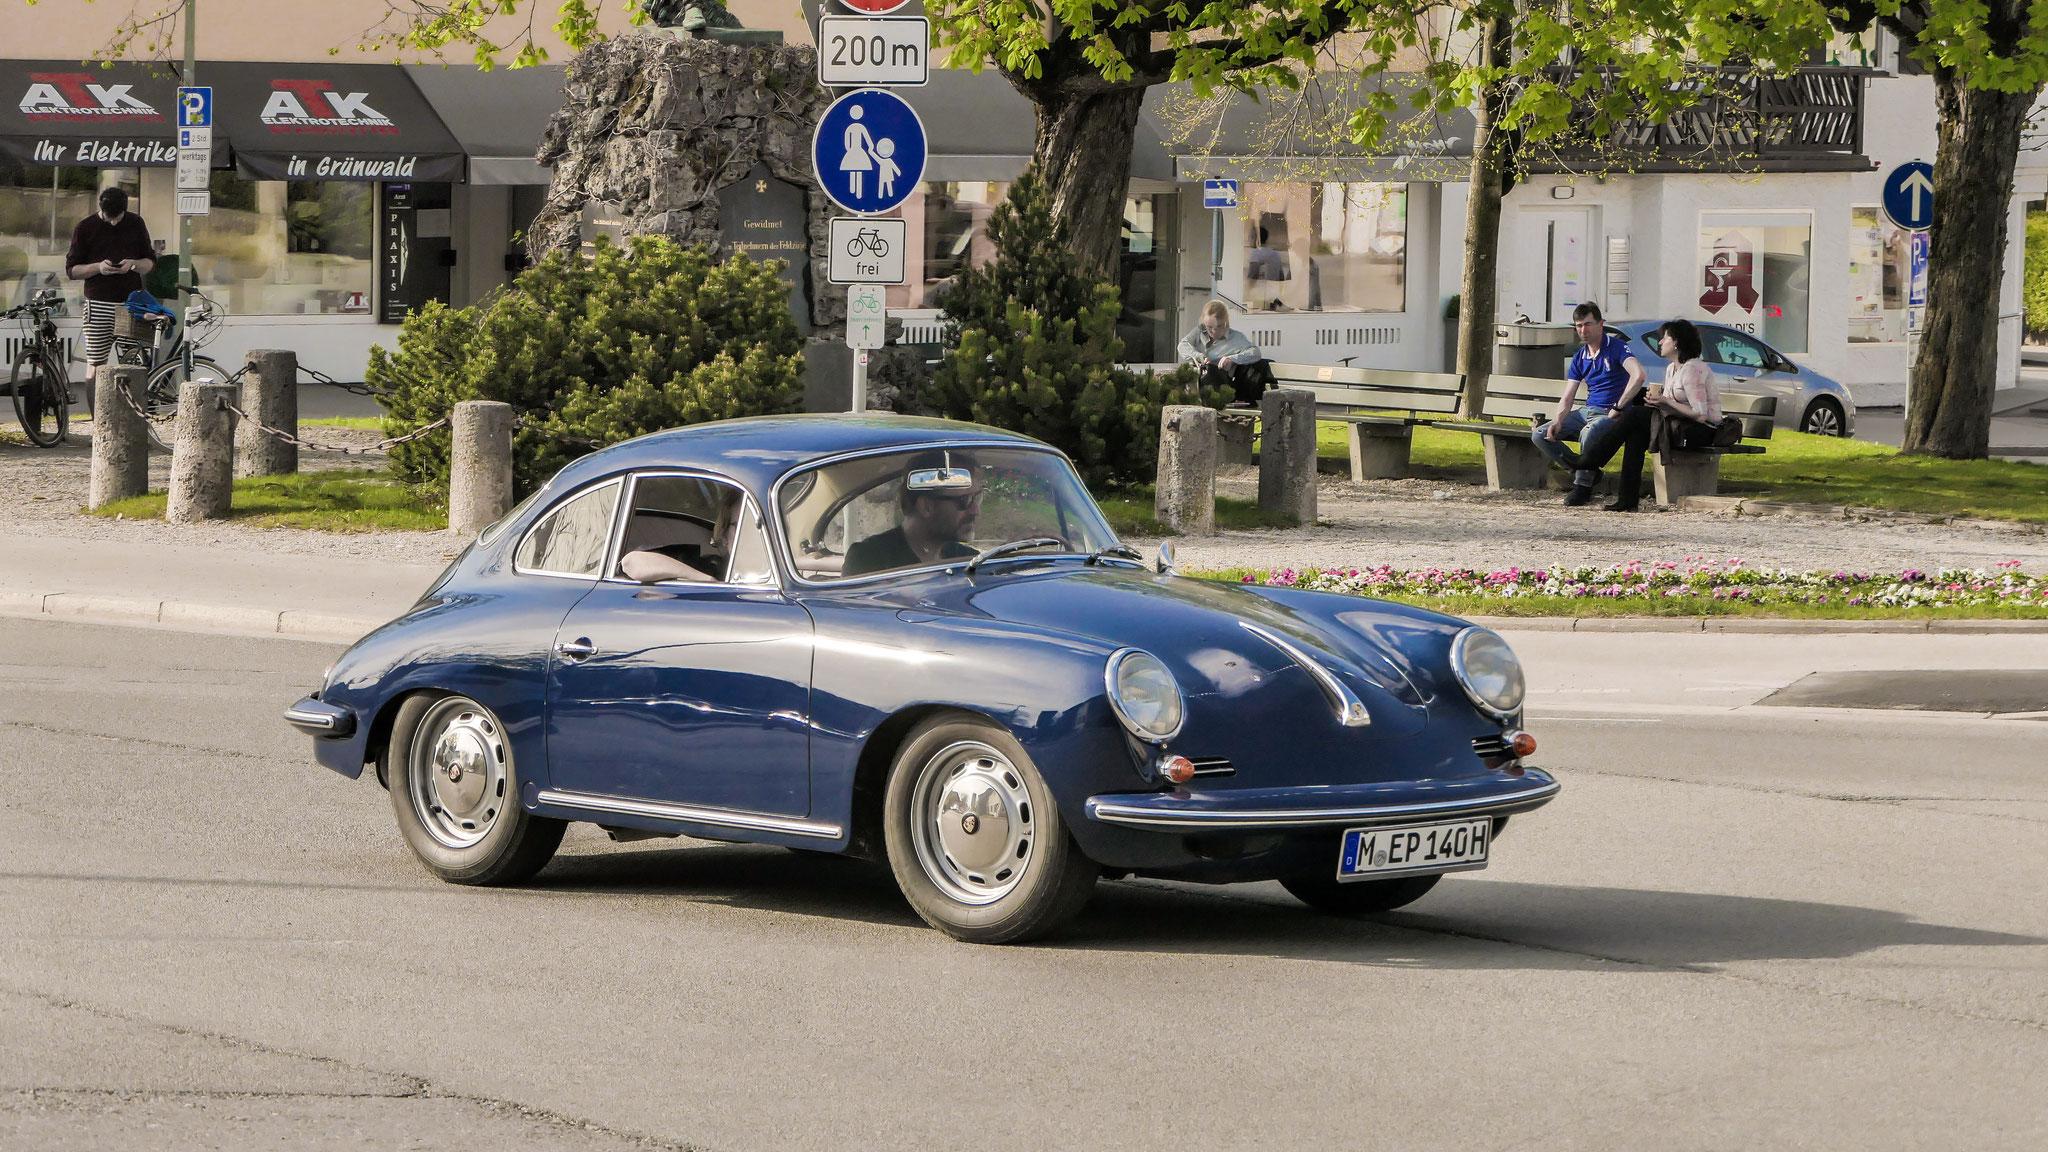 Porsche 356 1600 - M-EP-140H